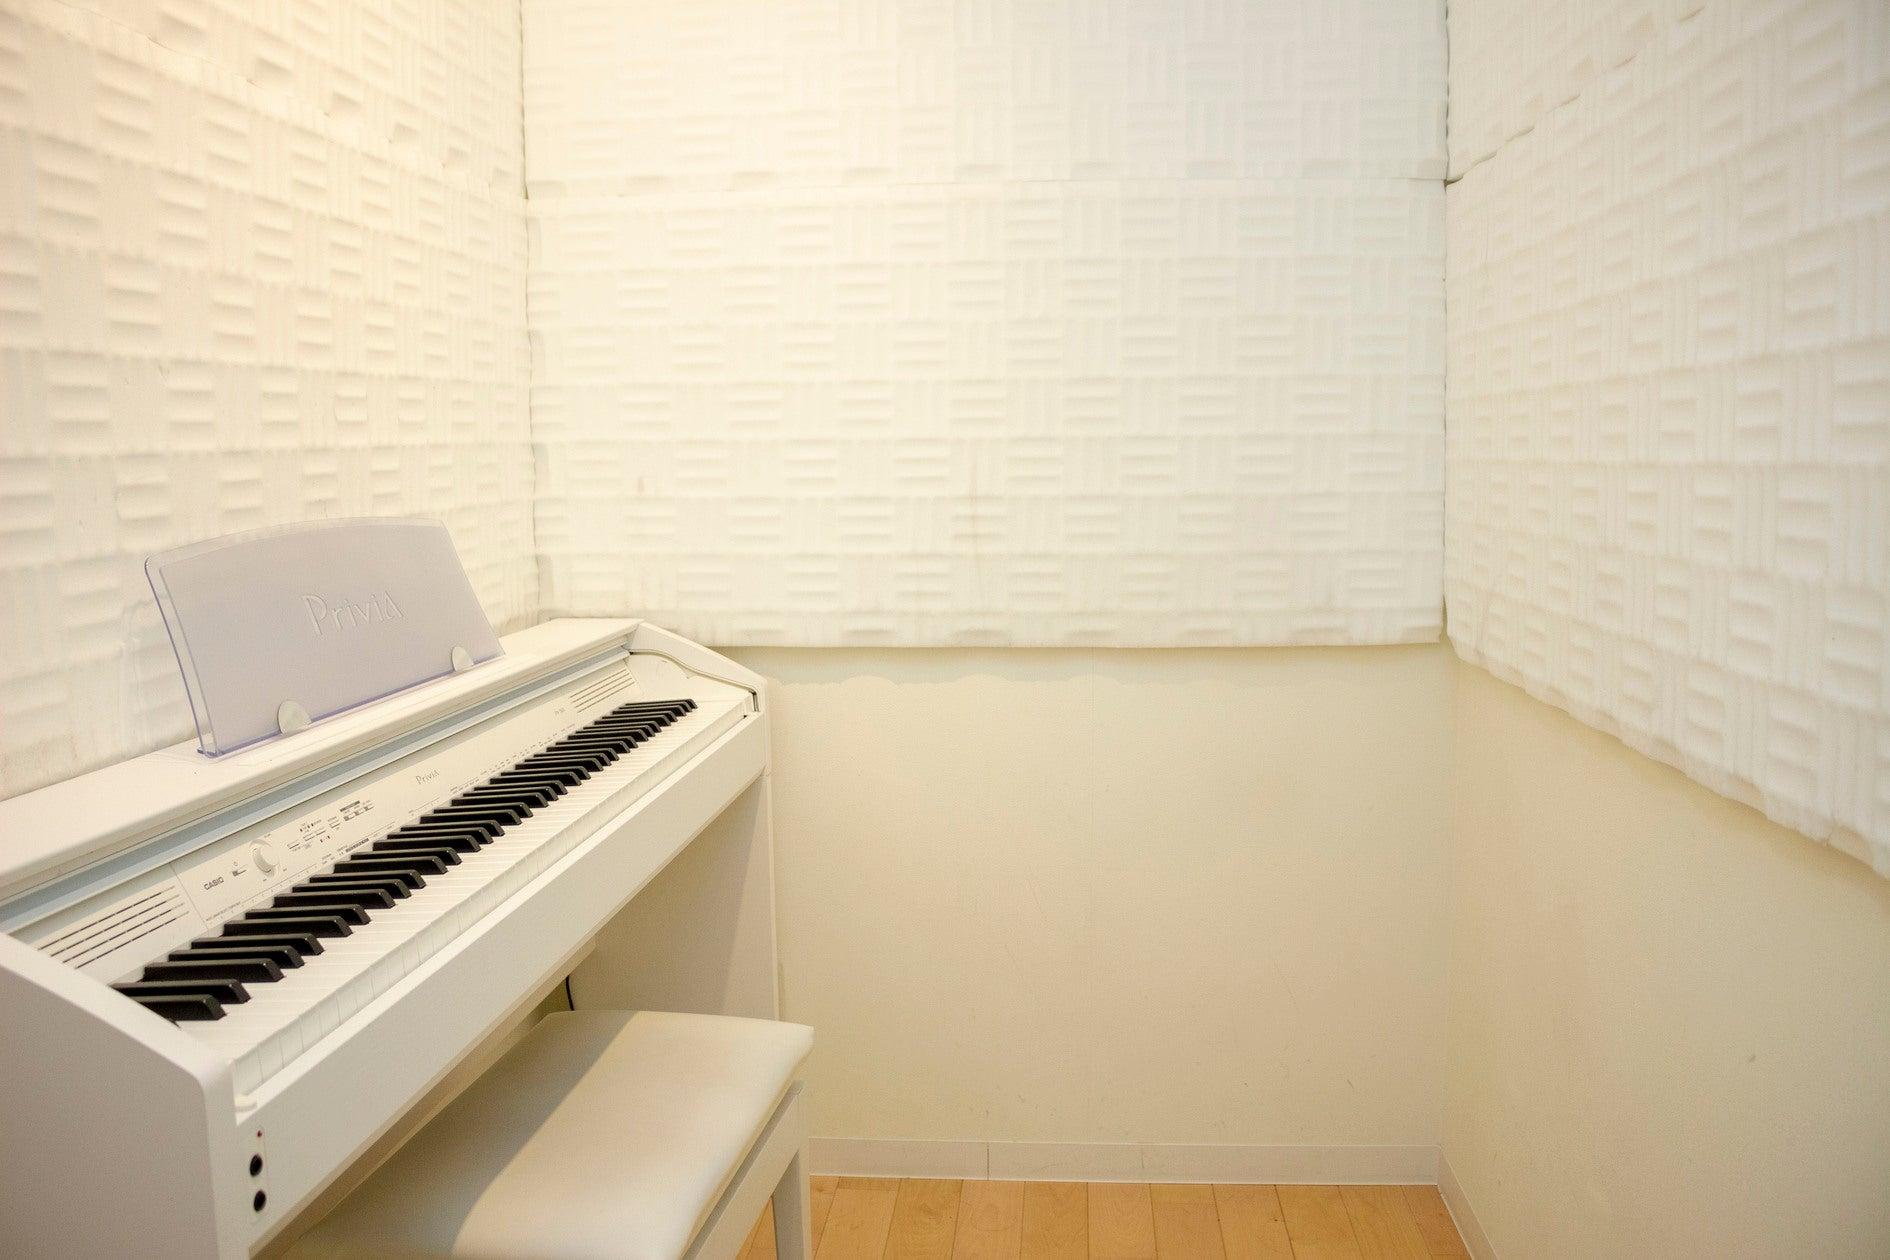 ボイストレーナーの方!マンツーマンでボーカルや声のレッスンを行える、新宿から1駅の格安スタジオ。個人練習にも!(スタジオ・ミュージックバンカー(東京)) の写真0